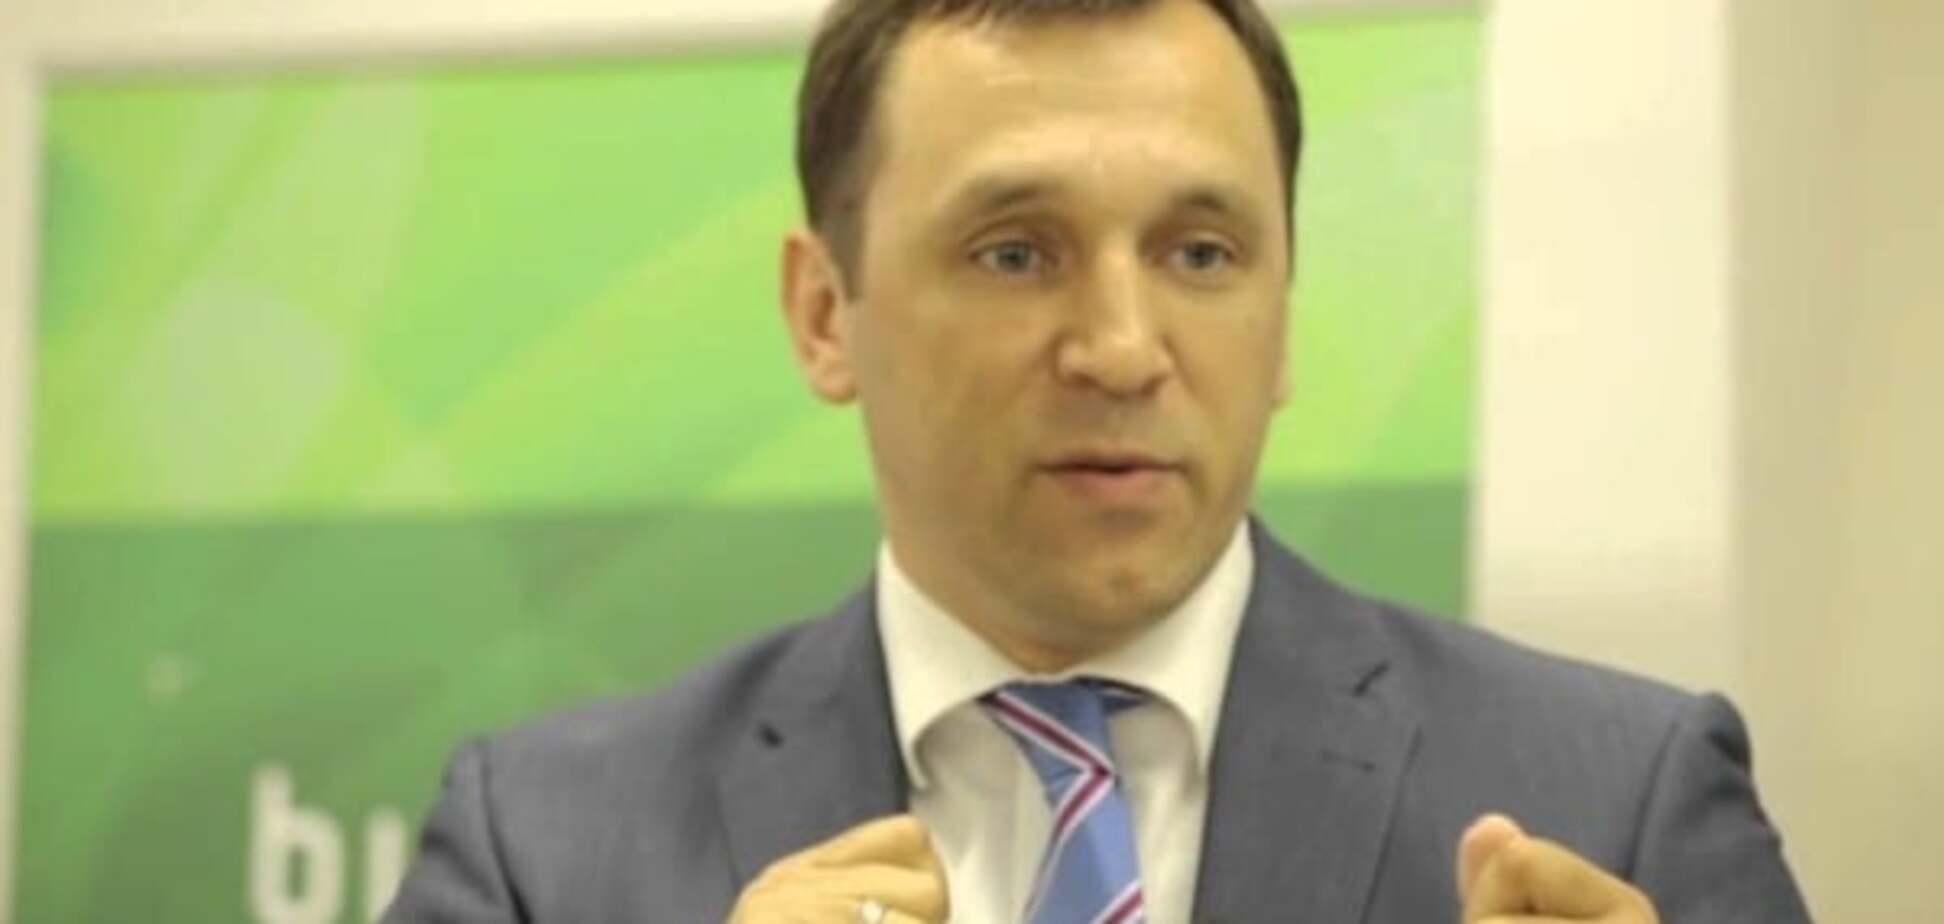 Відправити Яценюка у відставку: нардеп Кривенко пояснив своє входження в БПП